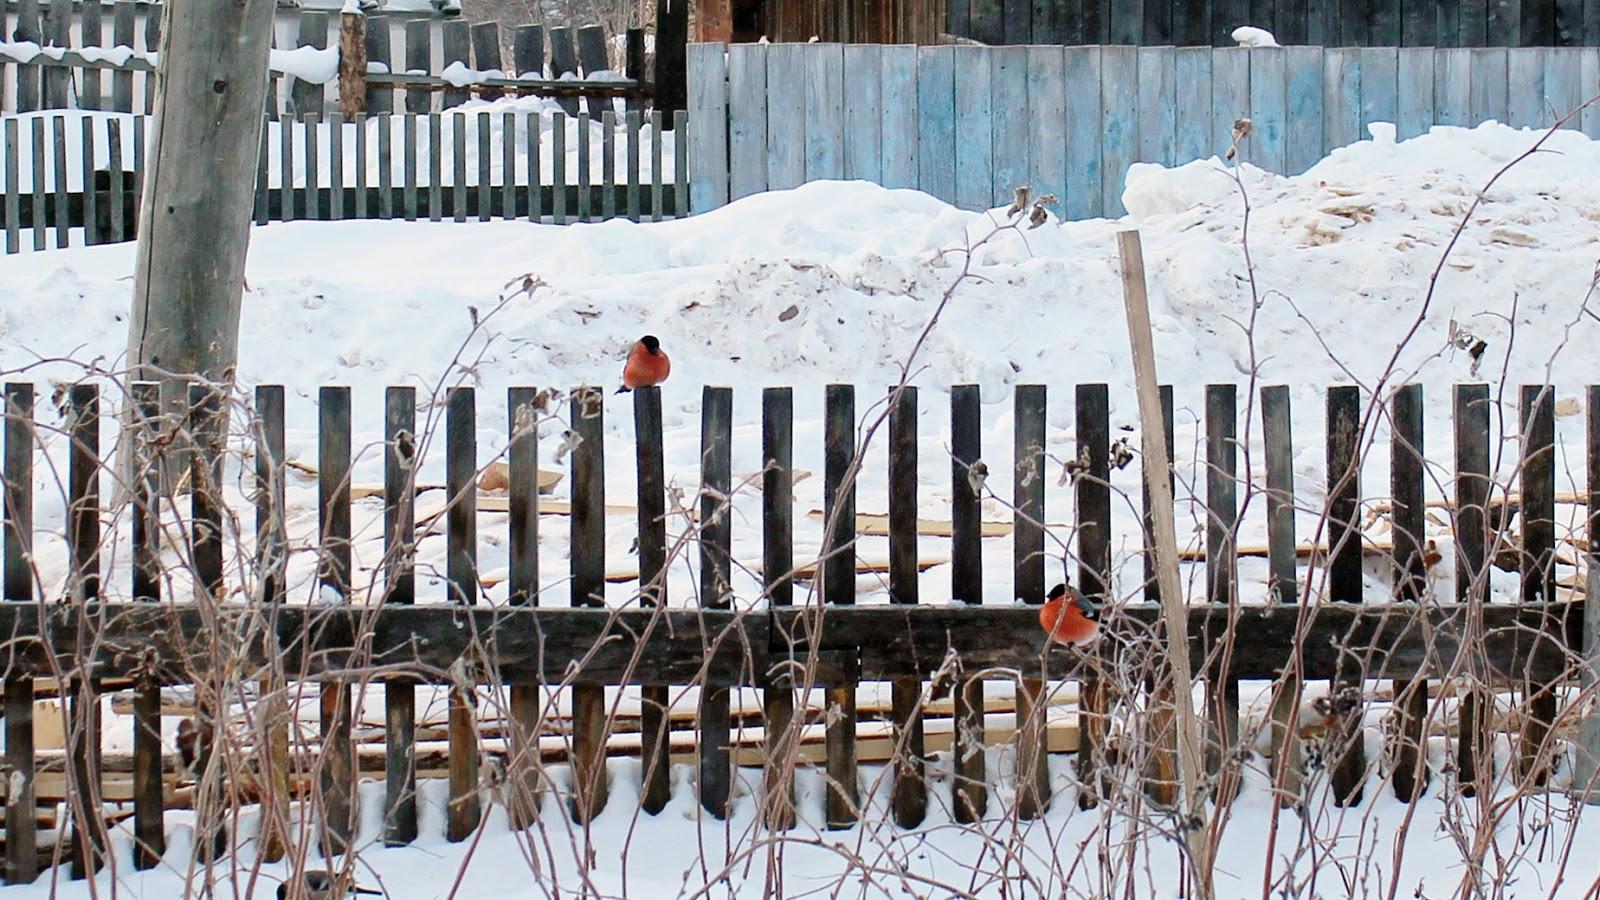 снегири - как капли крови на снегу